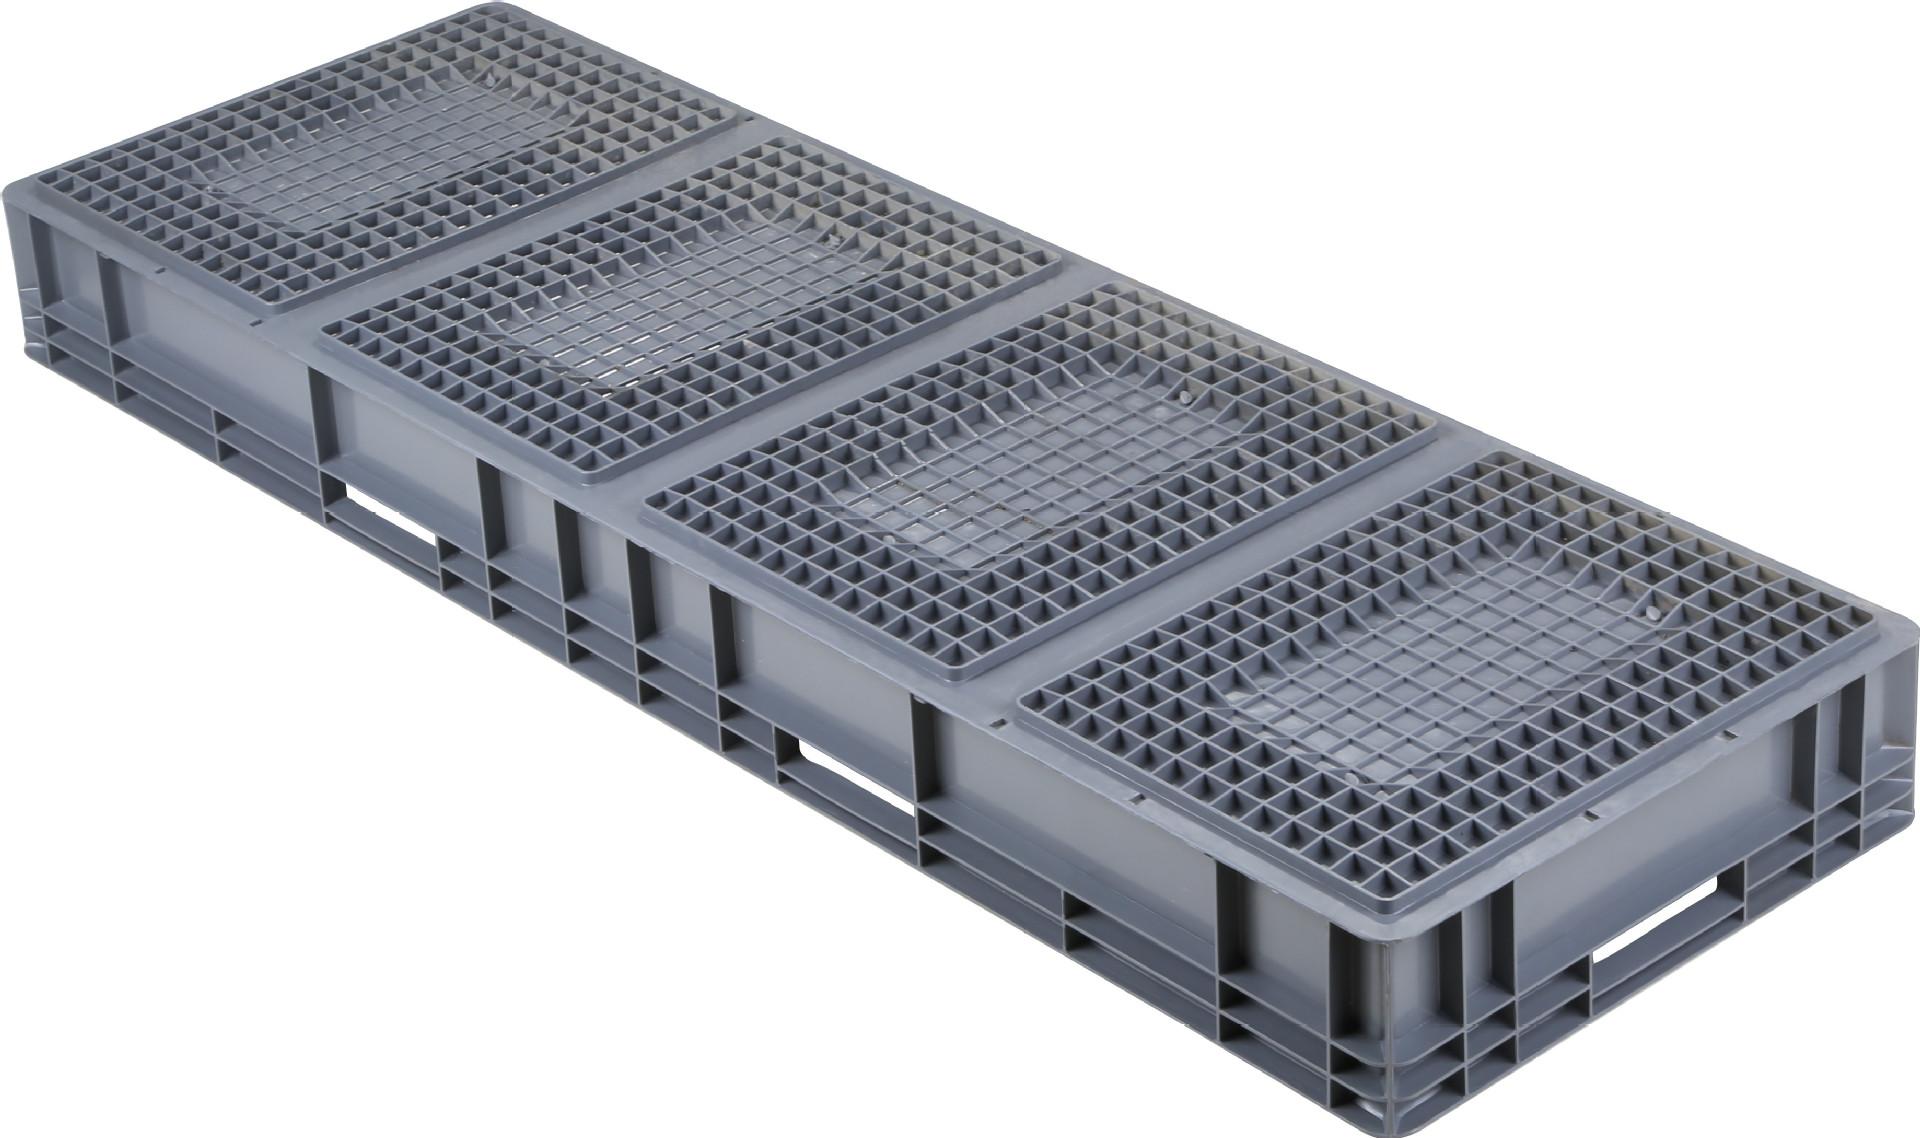 4911汽配箱/EU物流箱/物料箱/周转箱/塑料箱厂家直销